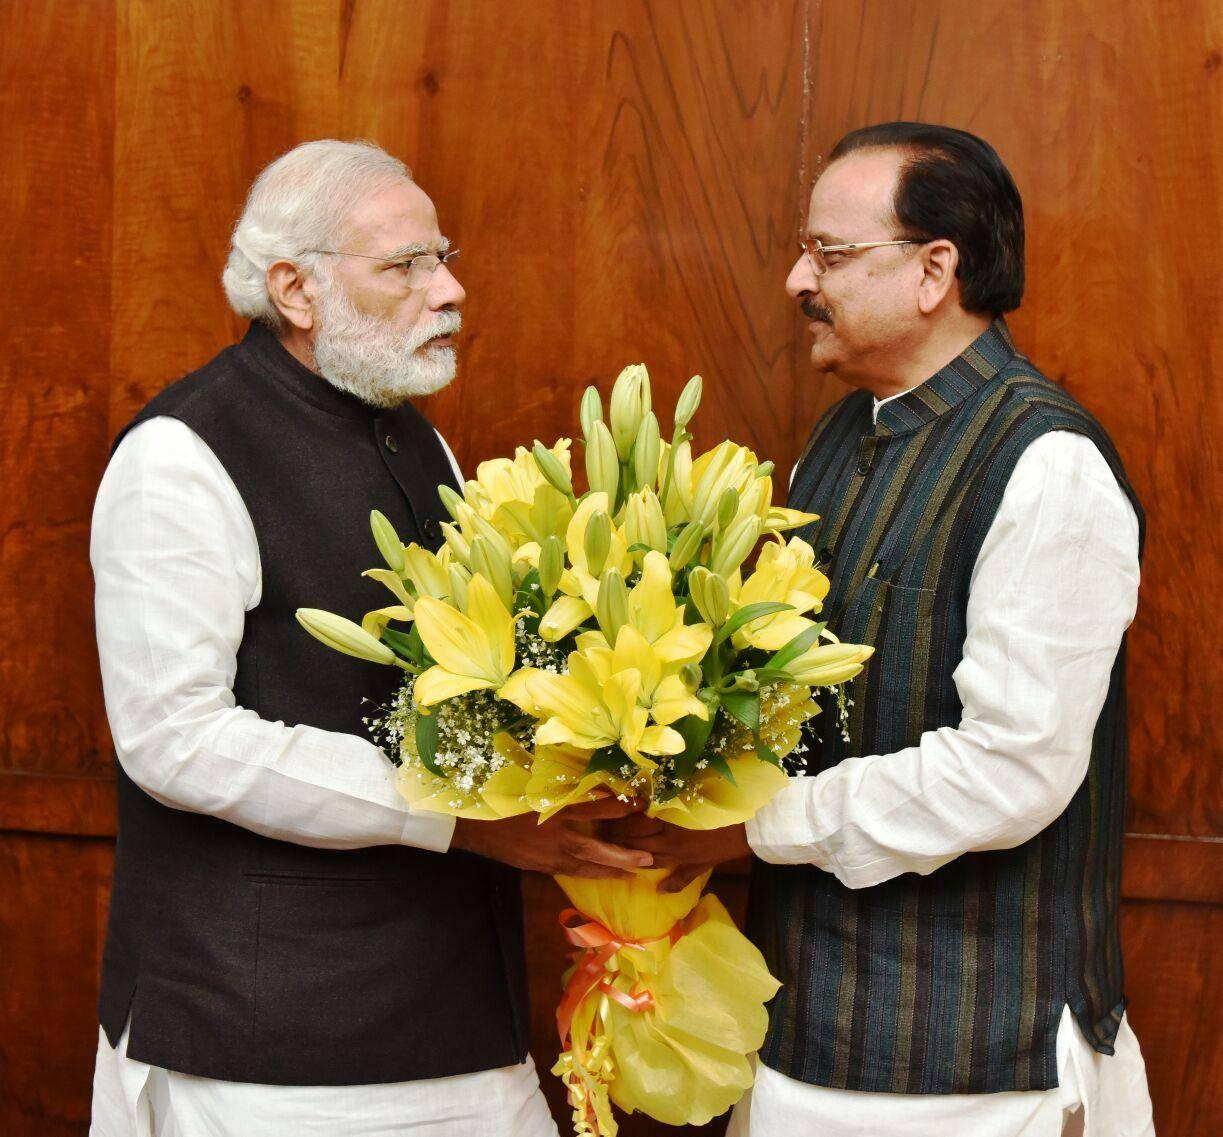 उत्तराखंड में BJP की प्रचंड जीत पर मोदी ने थपथपाई अजय भट्ट की पीठ